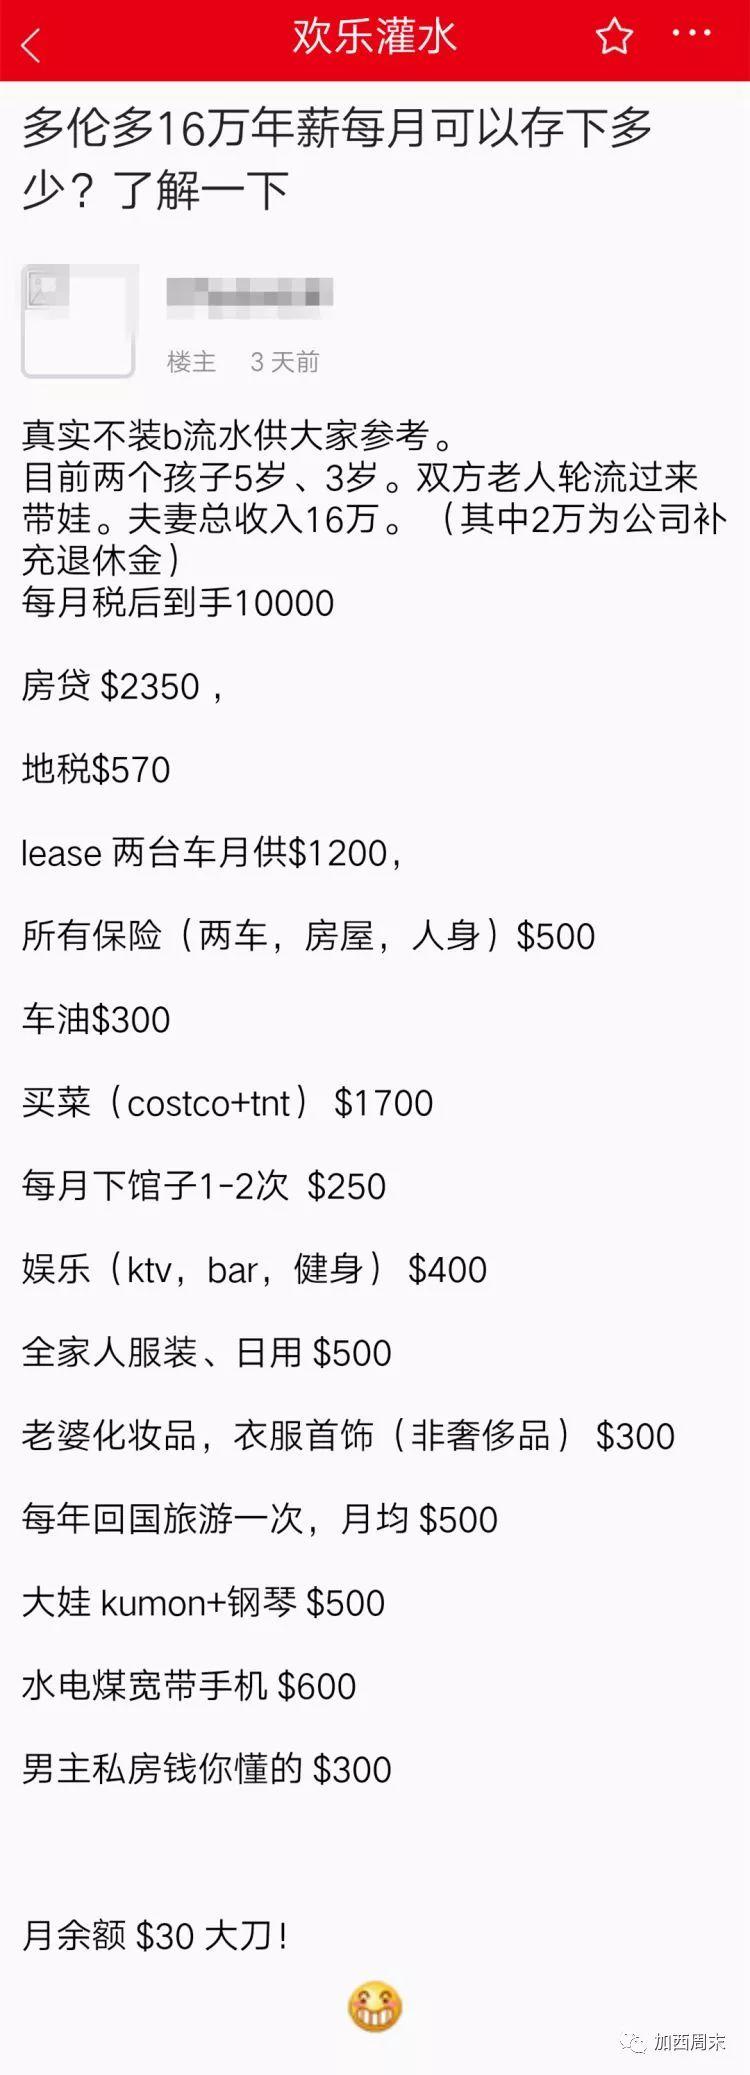 扎心! 要在温哥华活下去 每月至少花这么多! 年入10万的华人看了只能苦笑...